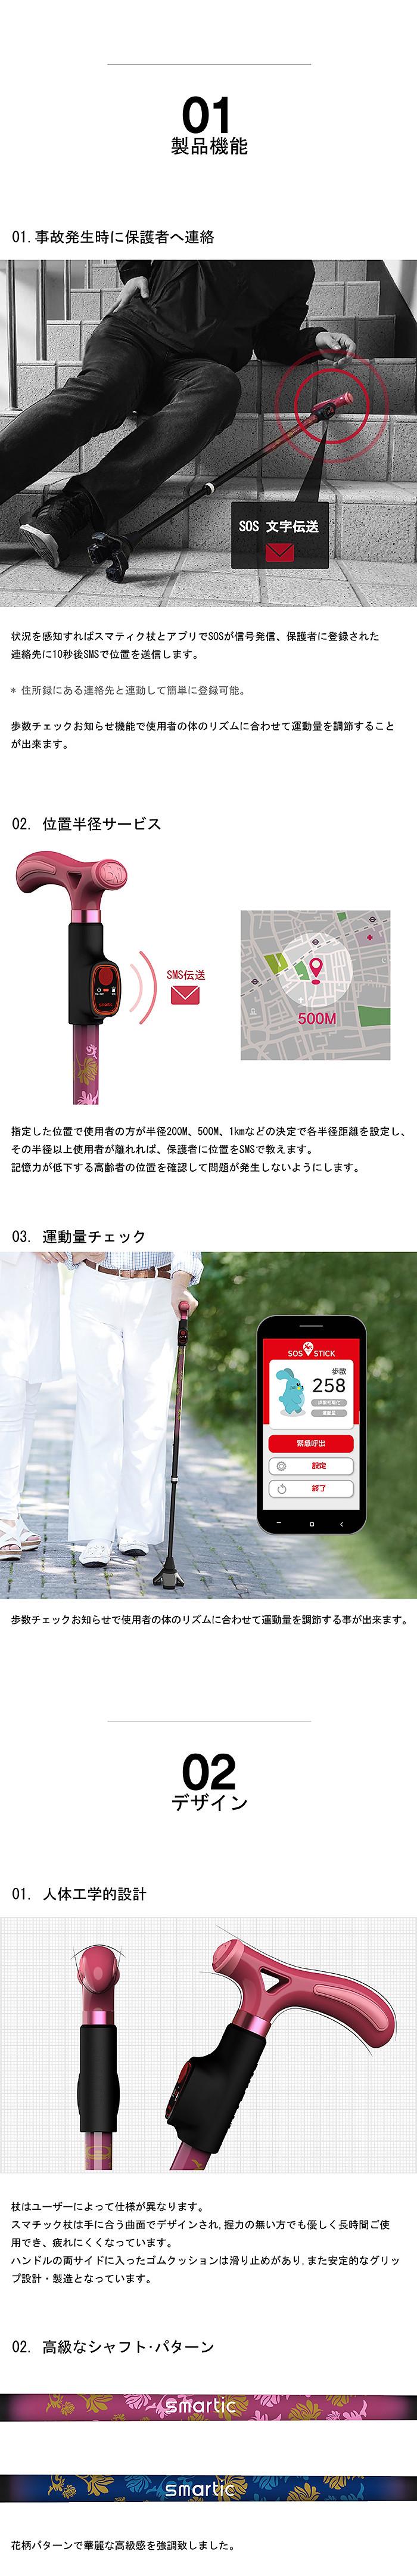 업로드용-수정-03.jpg